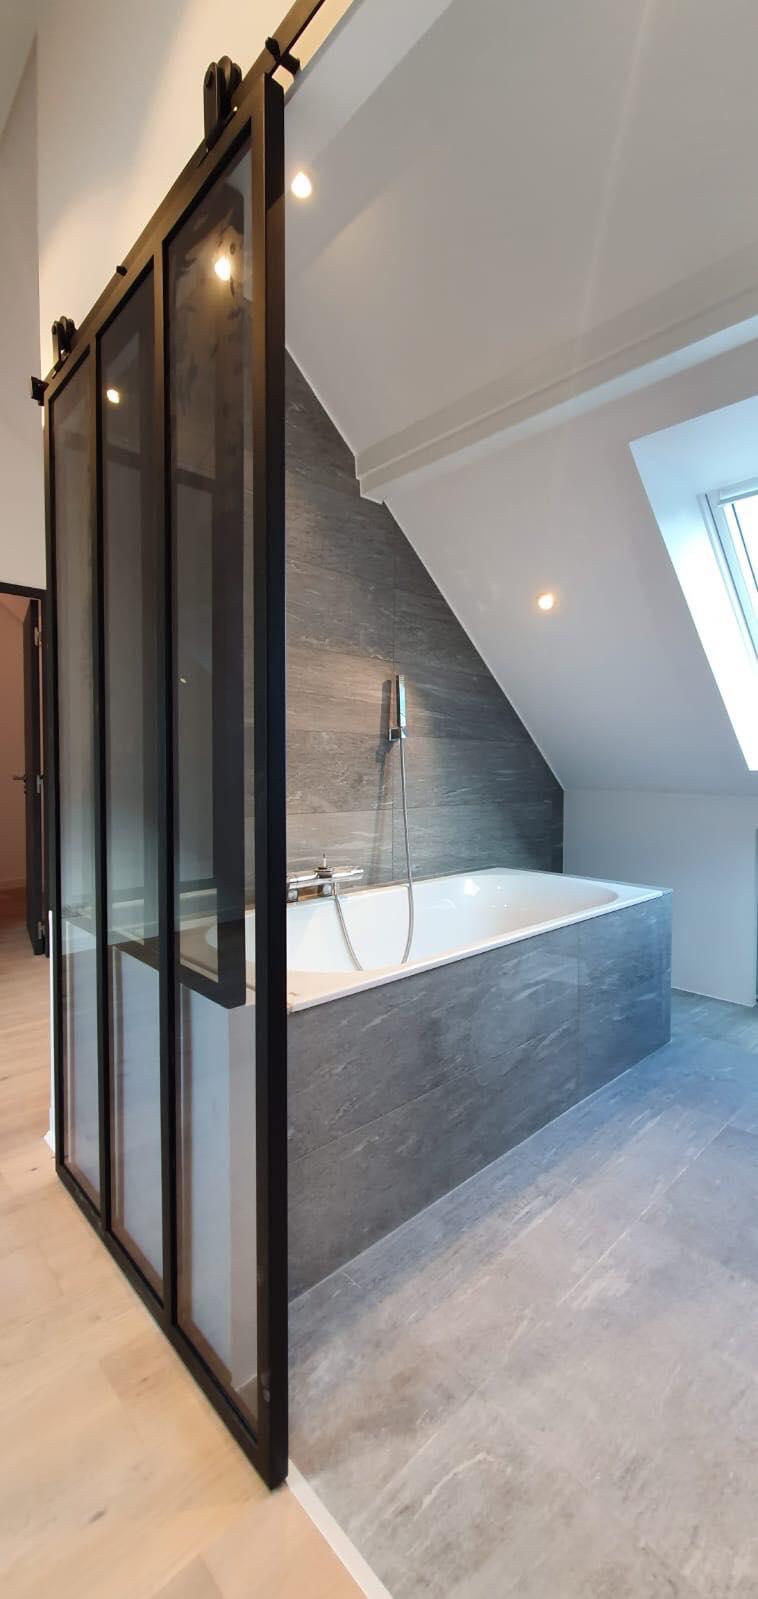 Verrière de salle de bain + porte coulissante ROBI Annecy (74)4